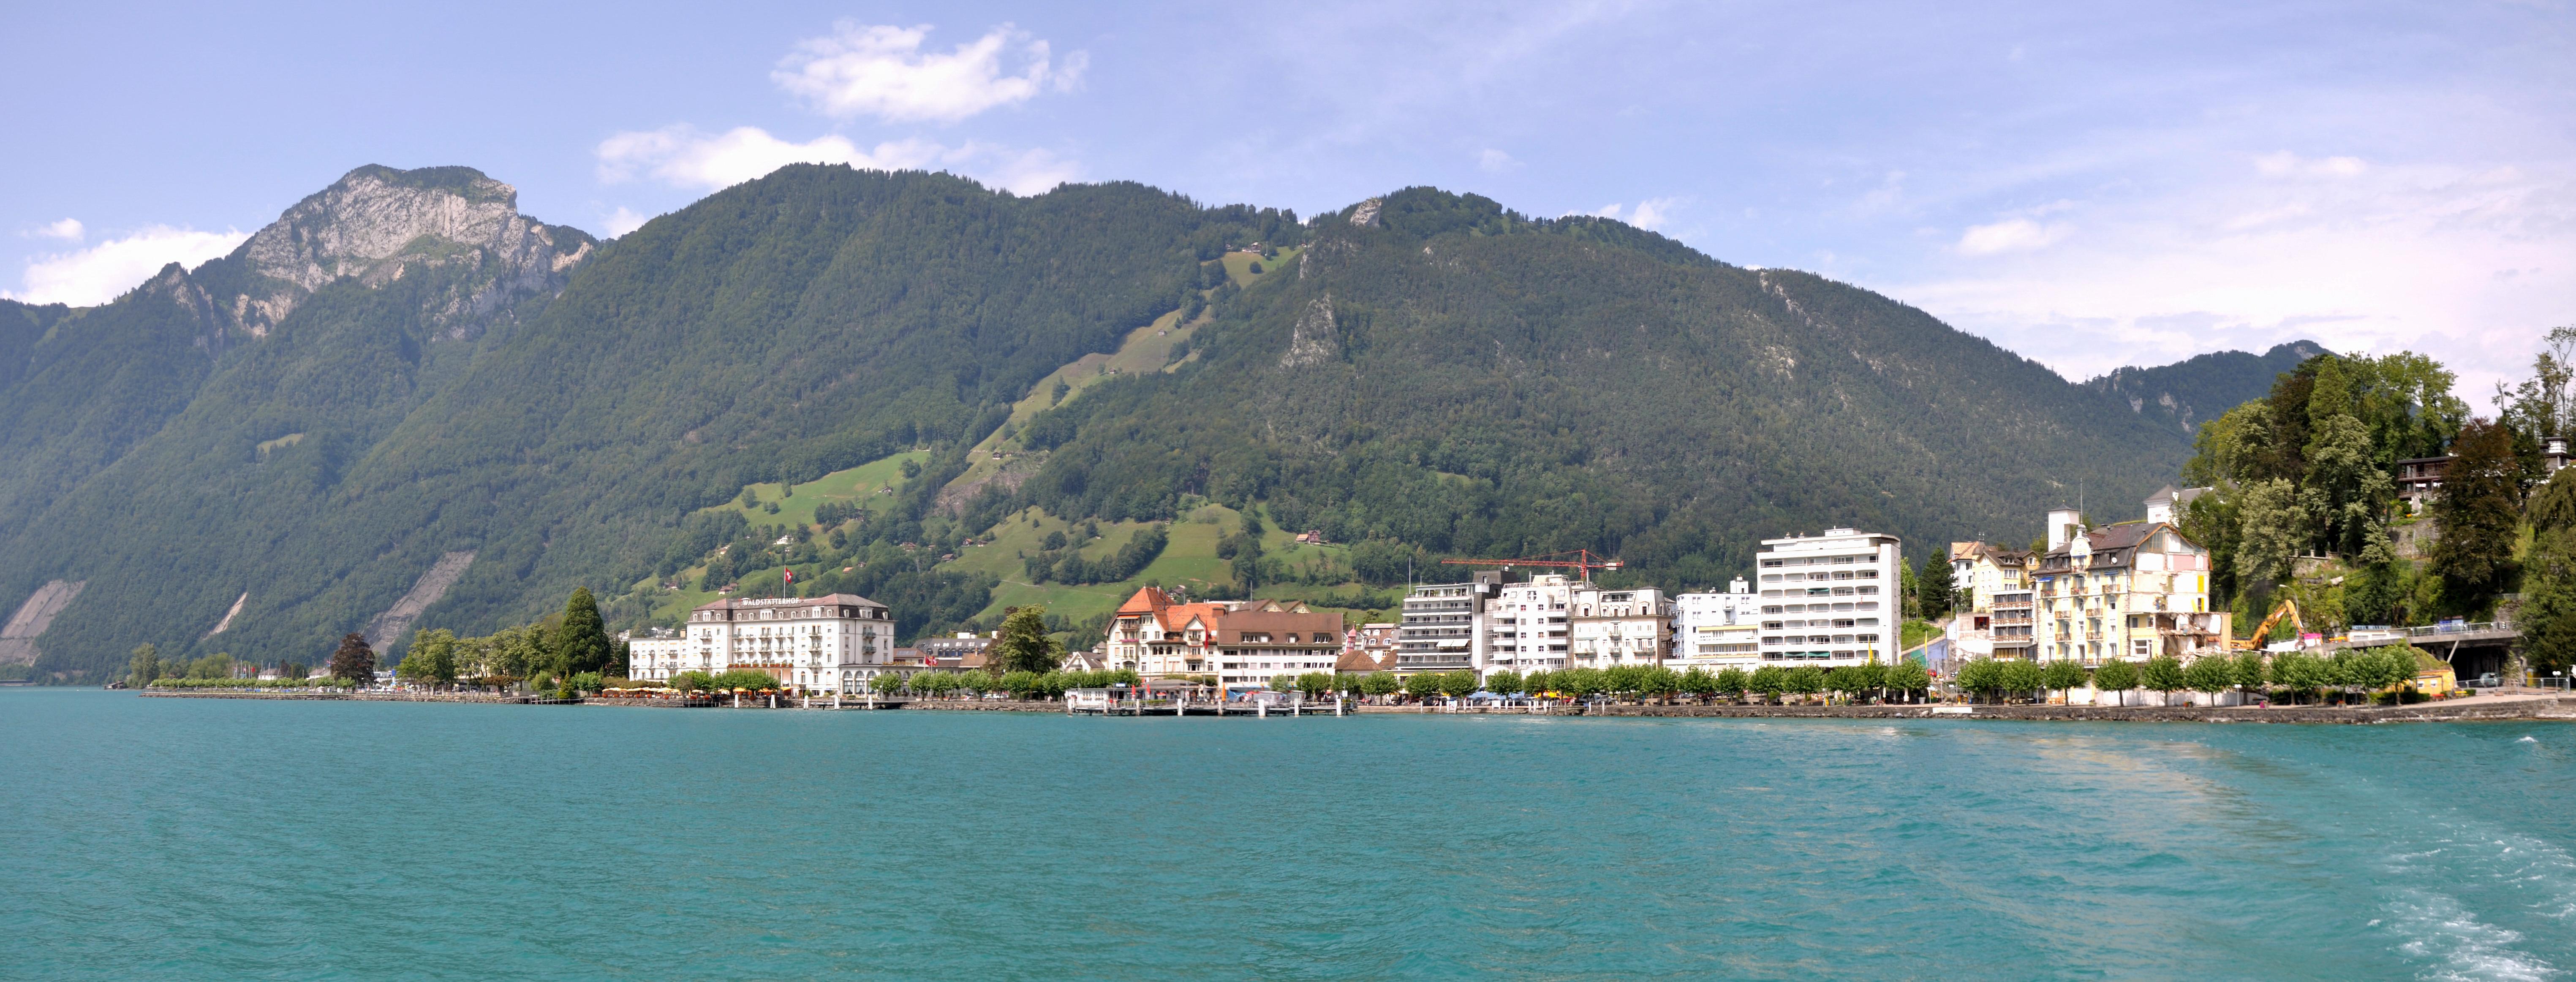 Brunnen Switzerland  City pictures : 2012 08 24 14 13 53 Switzerland Kanton Schwyz Brunnen 2h 98° ...